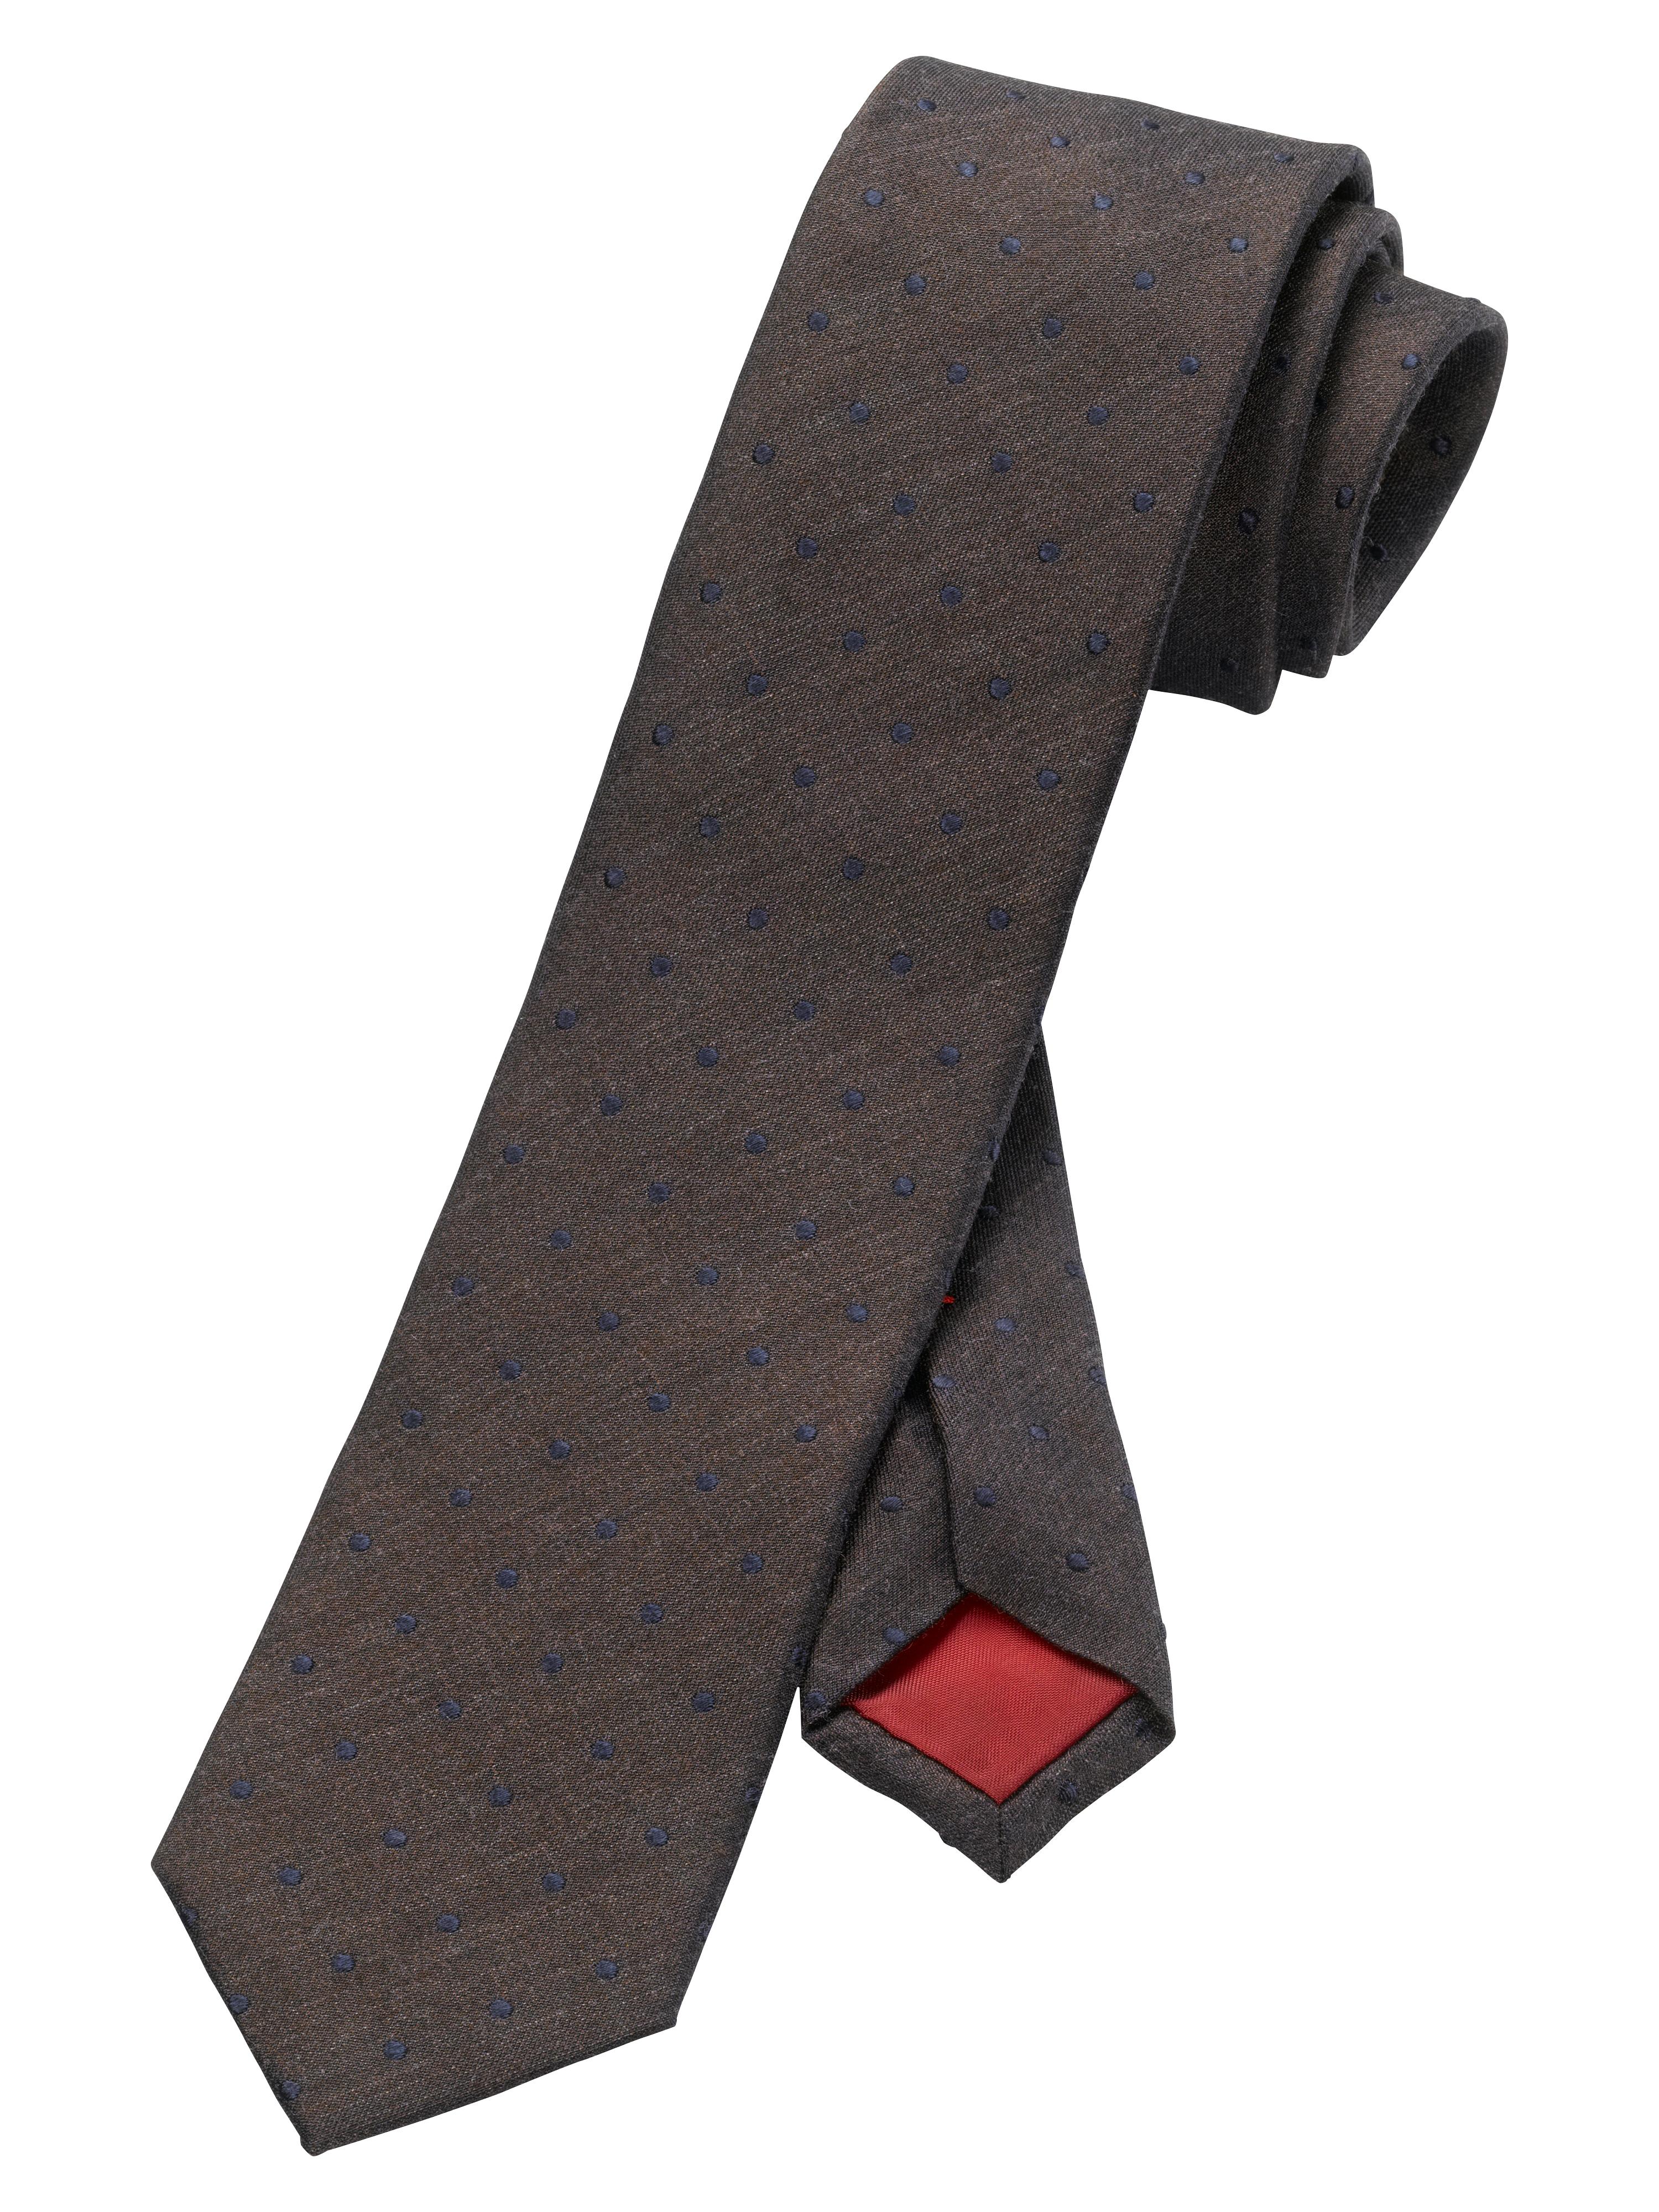 OLYMP  Krawatte, Braun, | Accessoires > Krawatten > Sonstige Krawatten | OLYMP